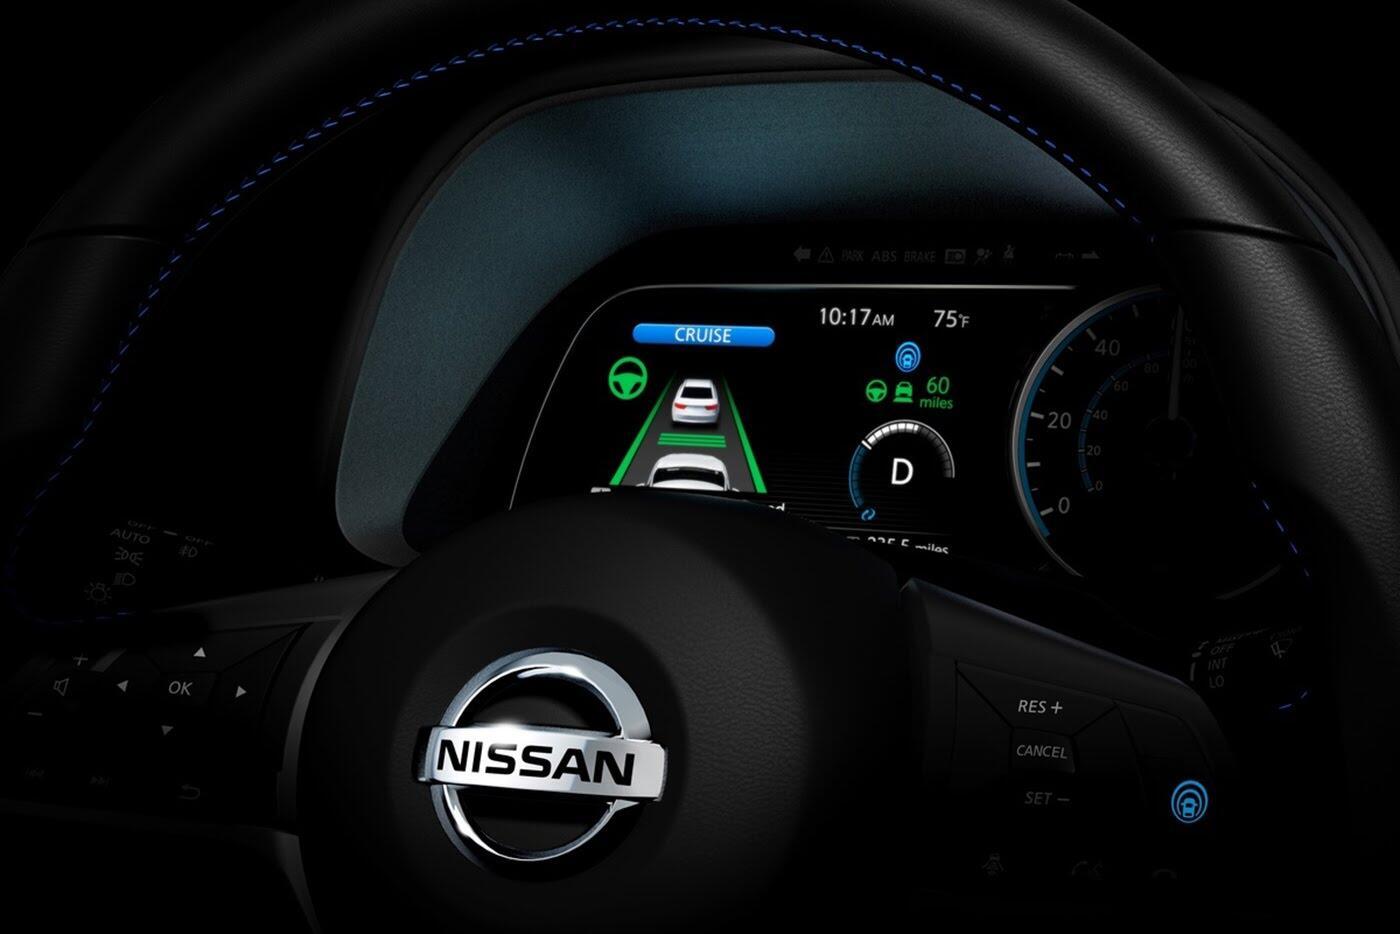 Lộ diện Nissan Leaf thế hệ mới với hệ thống tự lái - Hình 3